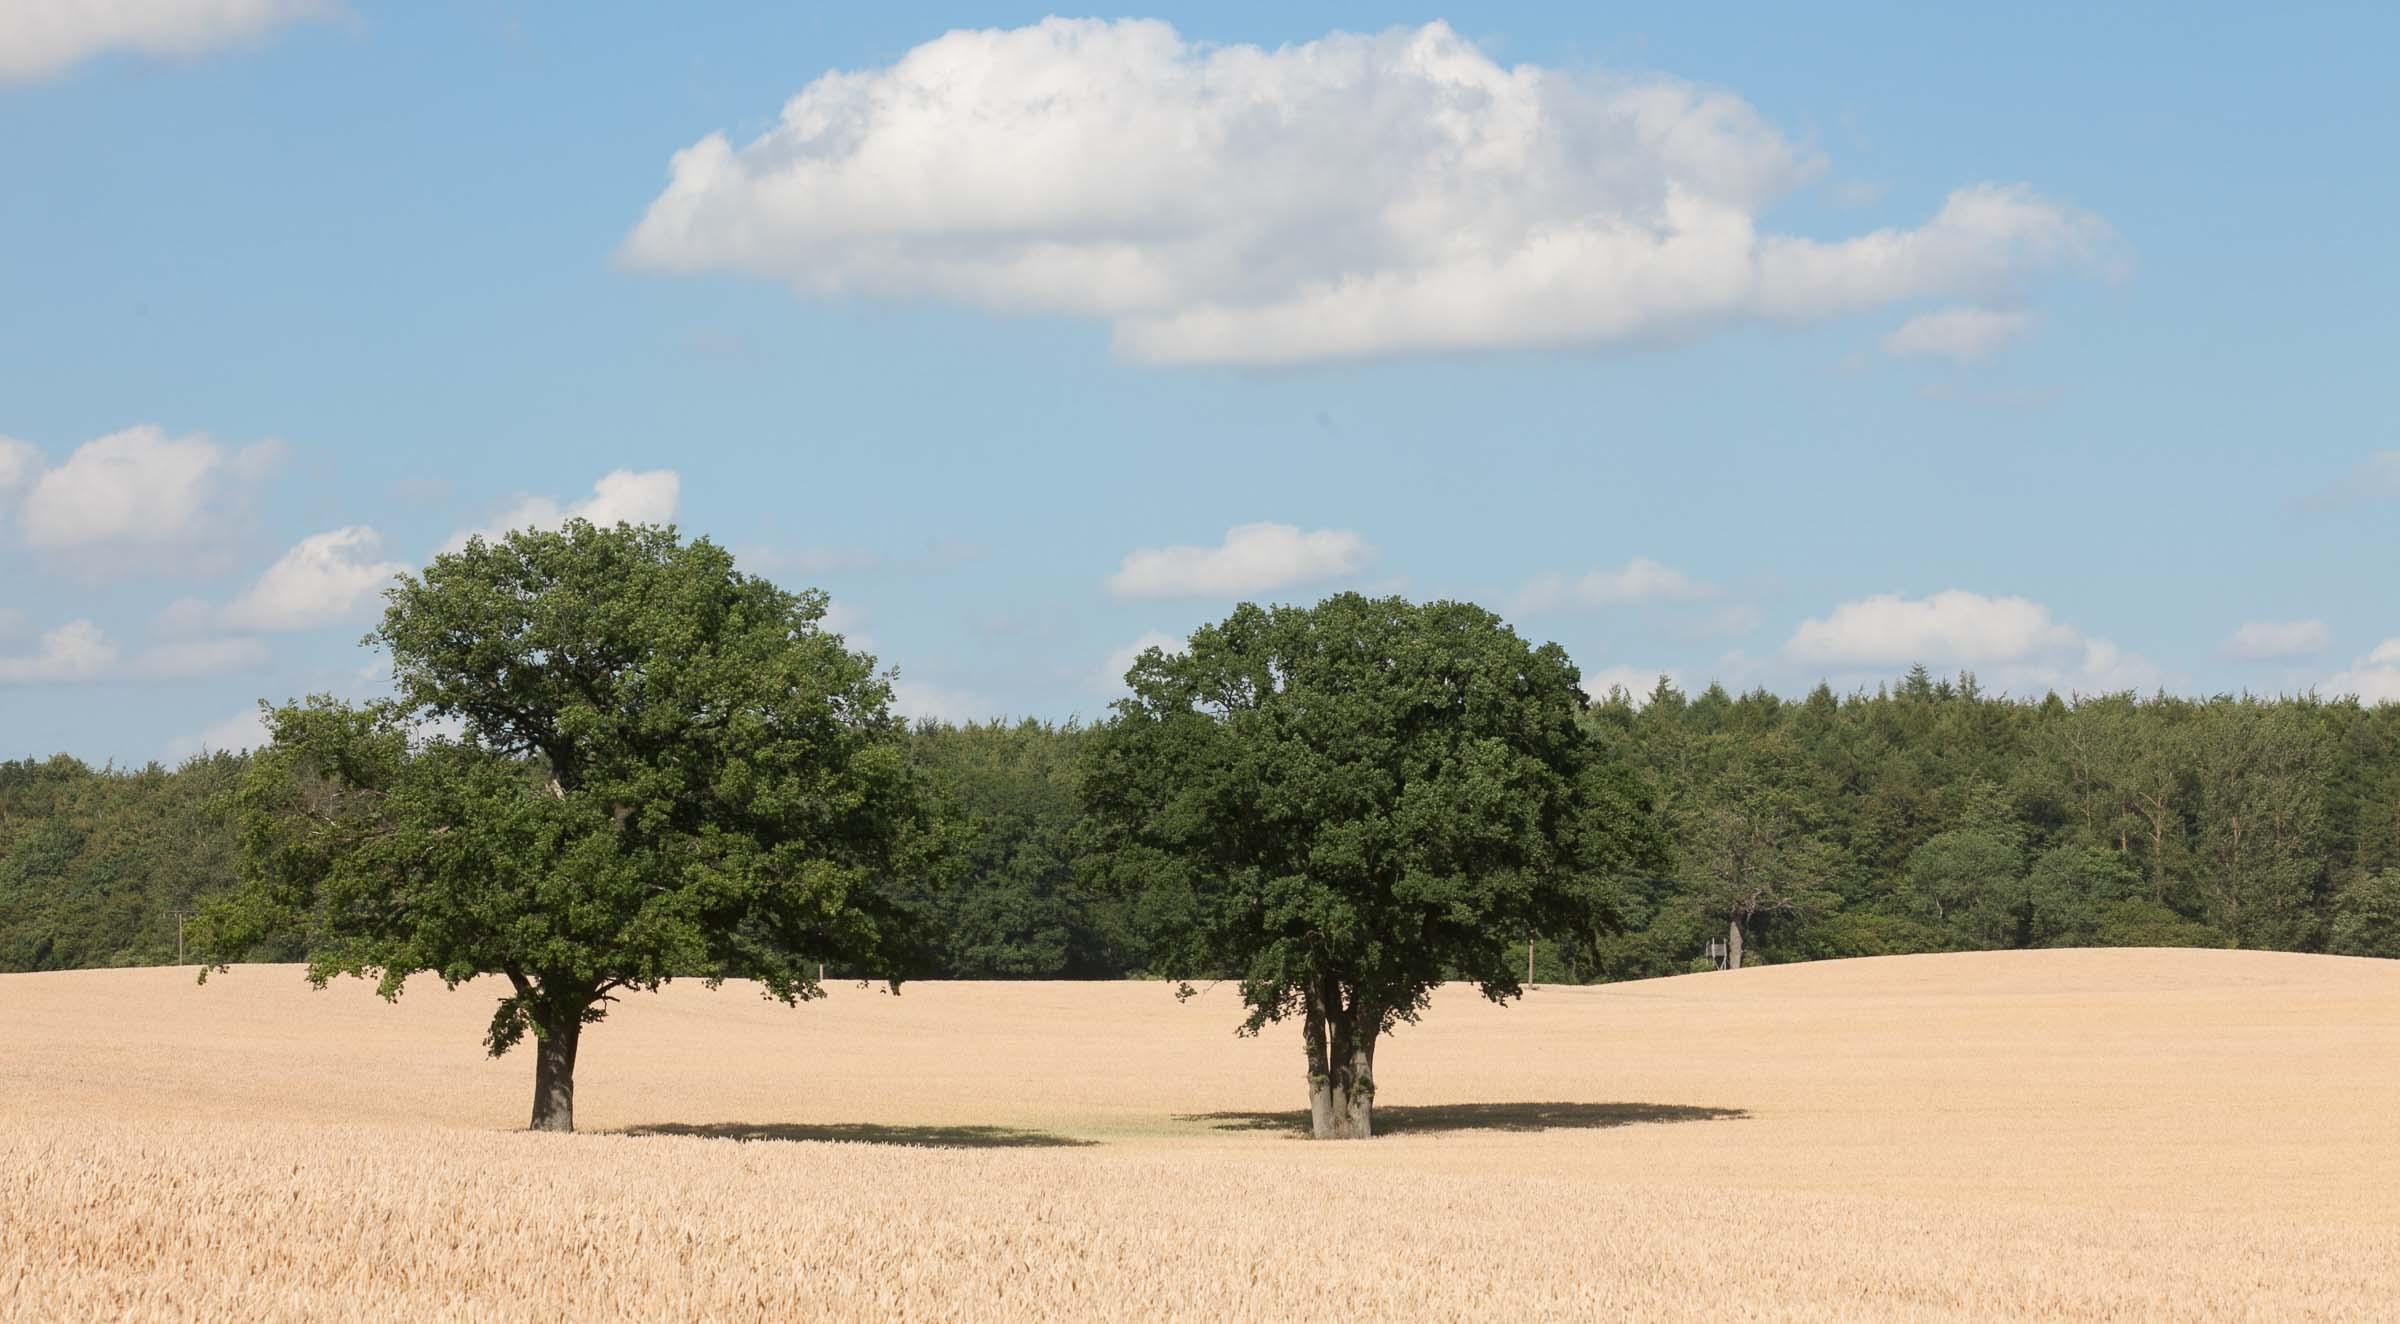 Die Getreideernte hat mit Verspätung begonnen. Kühle Temperaturen und fehlender Regen haben den Erntebeginn nach hinten verschoben